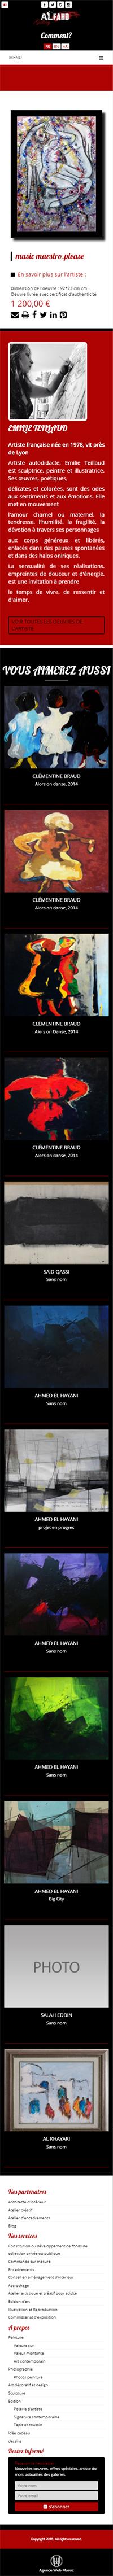 AL fahd gallery